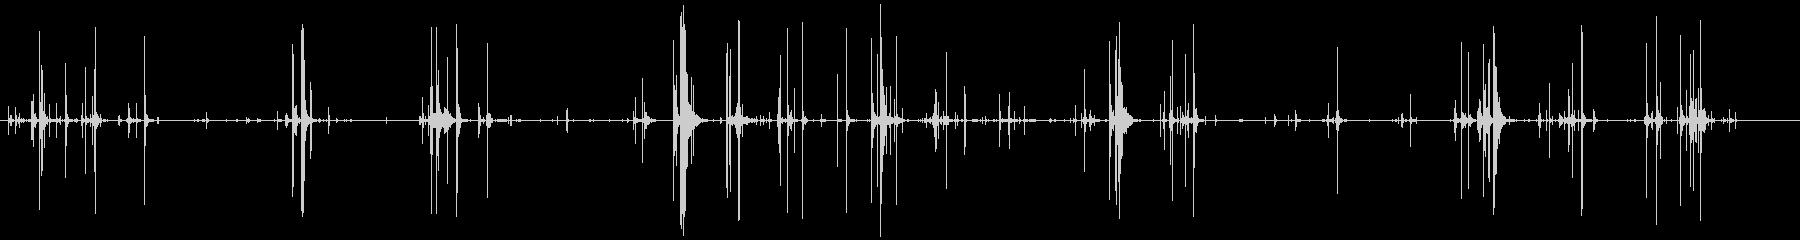 ヘビーアイスクラックリングの未再生の波形